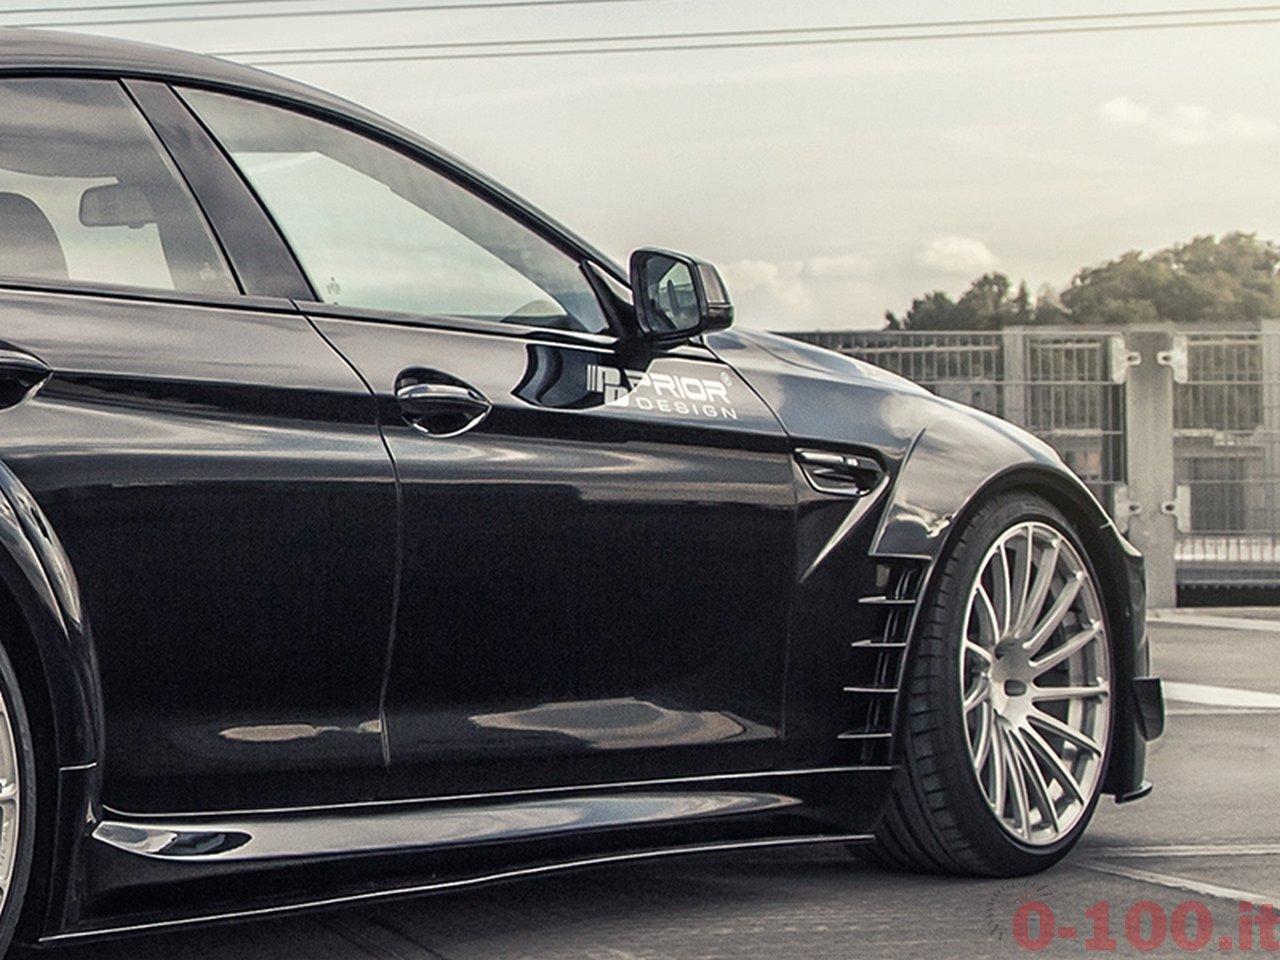 prior-design-pd6xx-widebody-aerodynamic-kit-bmw-serie-6-gran-coupe_0-100_16